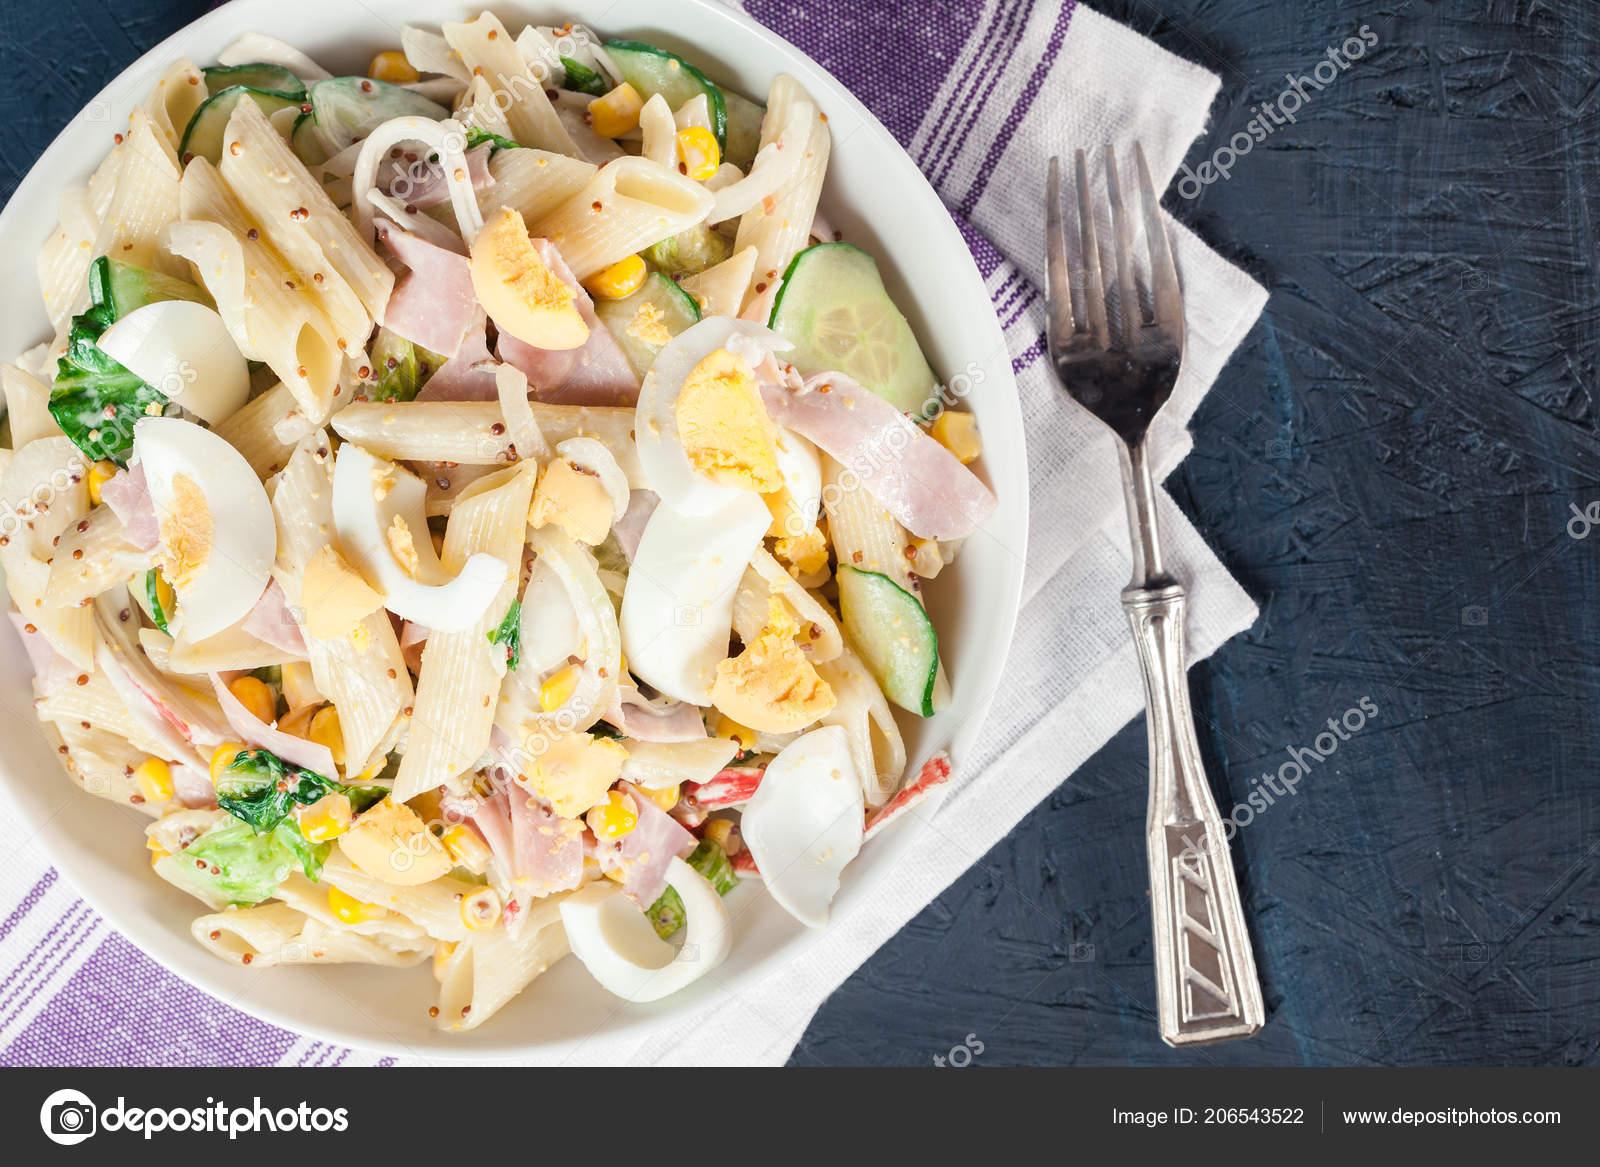 Wonderbaar Macaroni Salade Met Ham Komkommer Krab Stick Romaine Sla Mayonaise MF-46